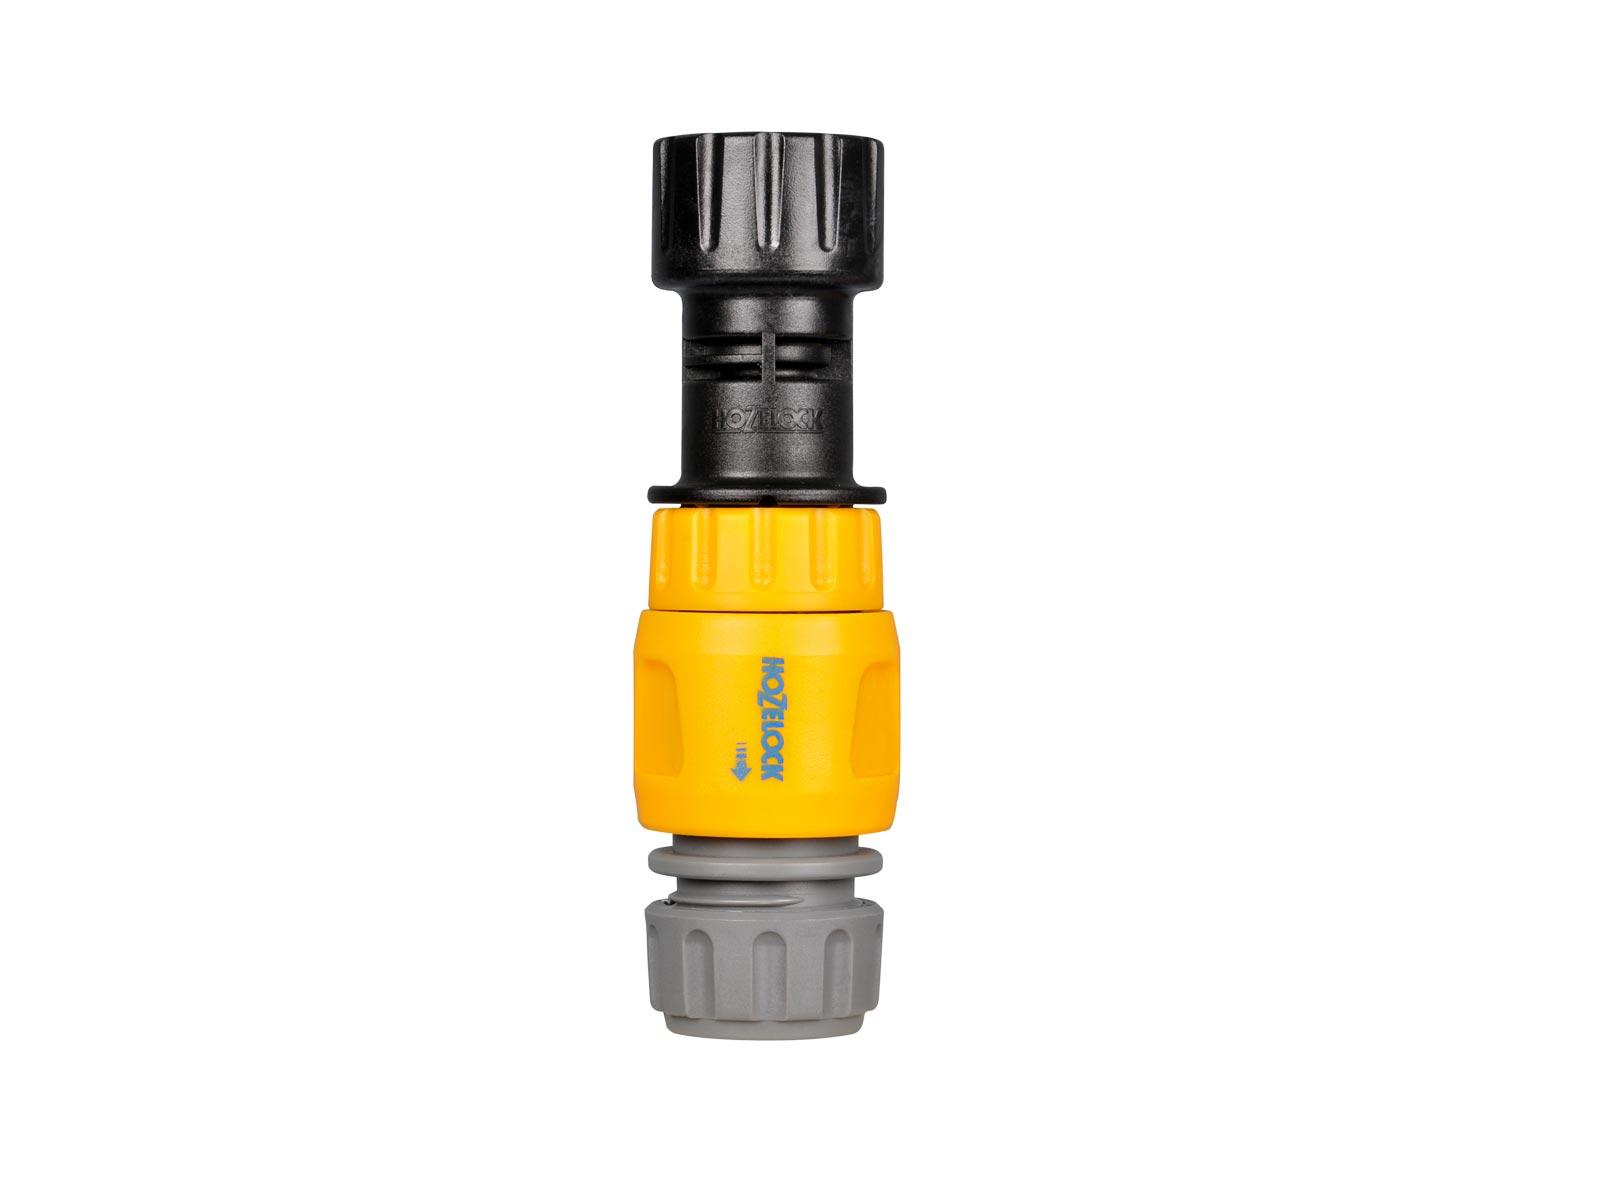 """Система полива Hozelock """"Easy Drip"""" 7022 регулятор давления для автополива, 4 мм и 13 мм, черный, серый, желтый"""